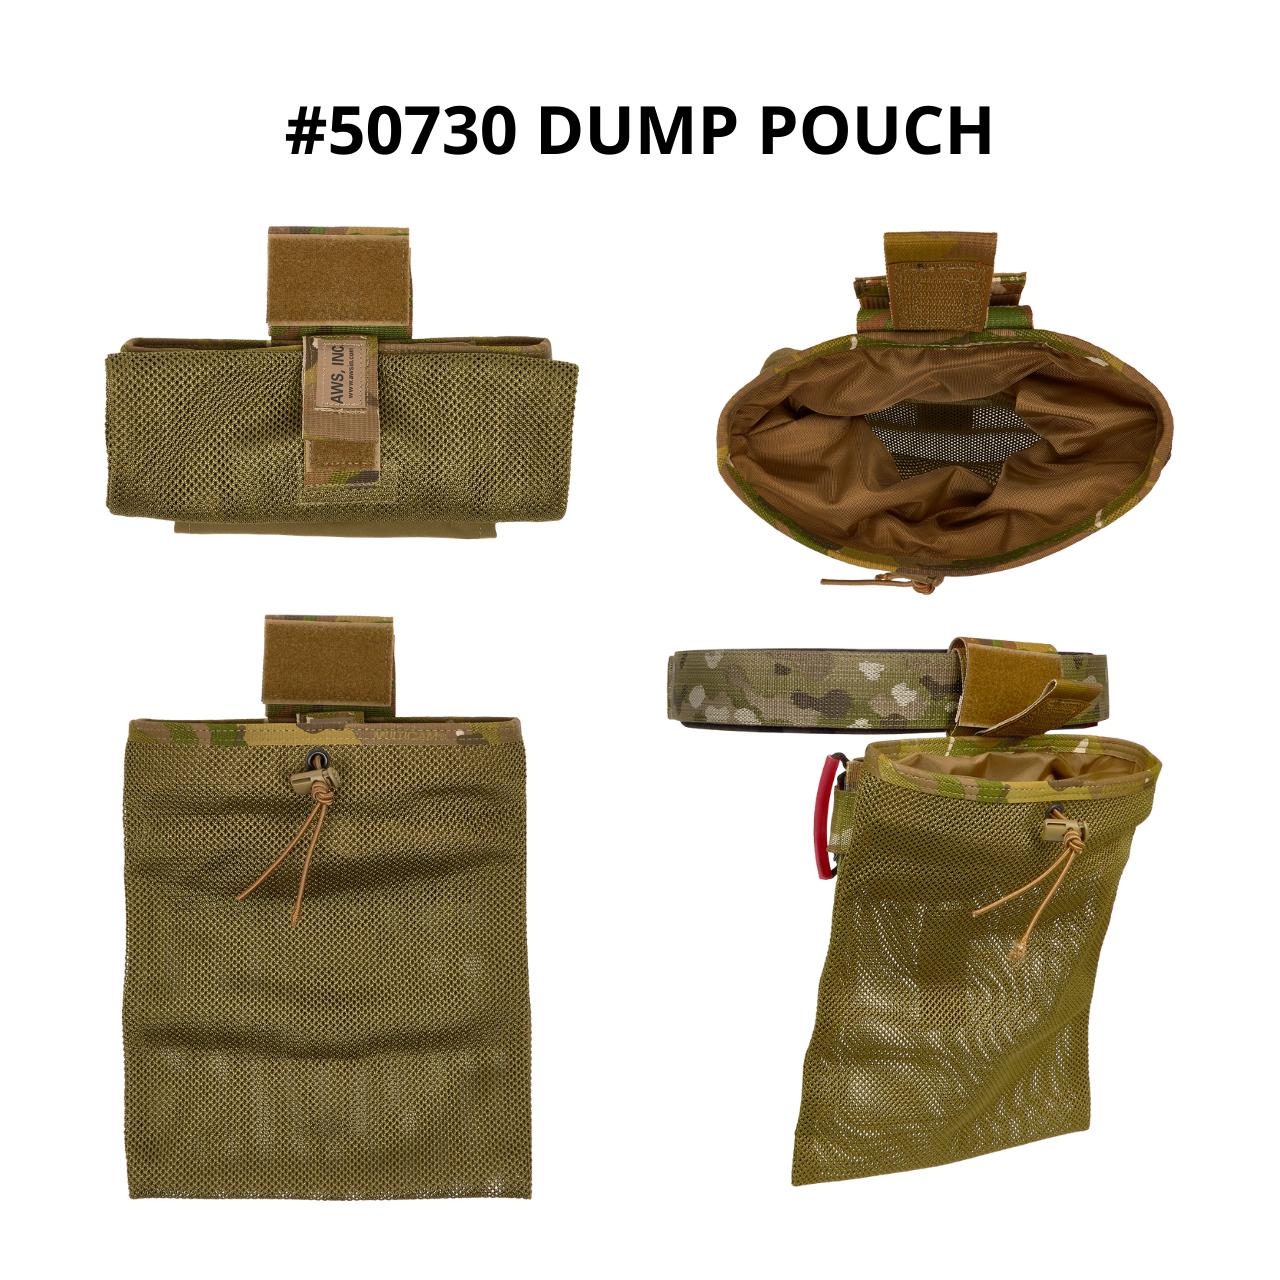 50730 DUMP POUCH